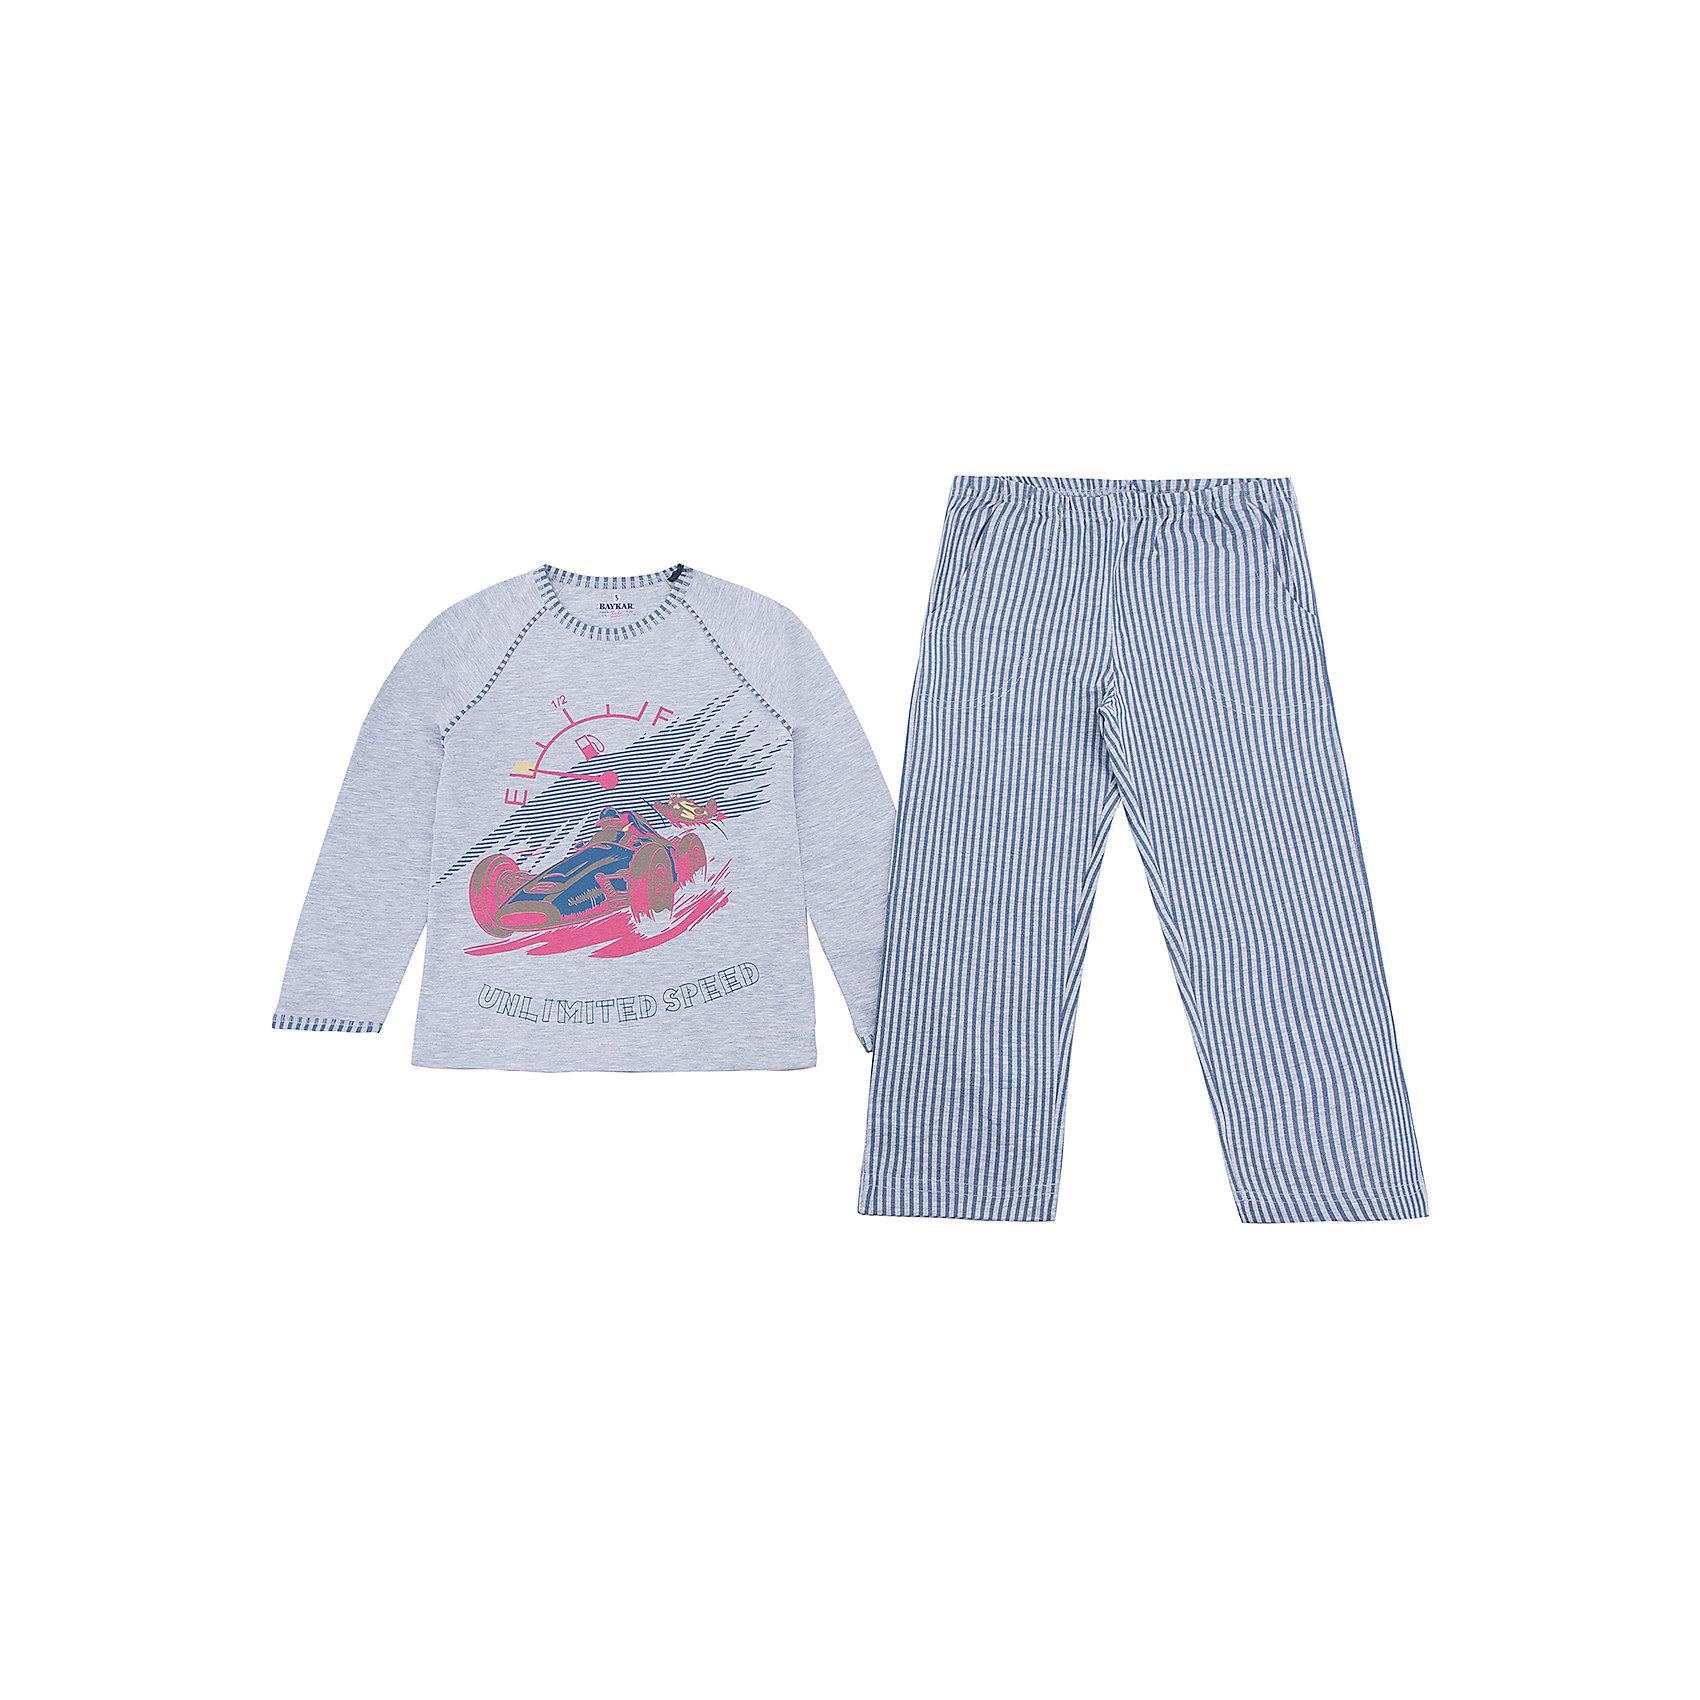 Пижама для мальчика BaykarПижамы и сорочки<br>Характеристики товара:<br><br>• цвет: серый<br>• состав ткани: 95% хлопок; 5% эластан<br>• комплектация: кофта, брюки<br>• пояс брюк: резинка<br>• сезон: круглый год<br>• страна бренда: Турция<br>• страна изготовитель: Турция<br><br>Серая пижама для мальчика Baykar украшена симпатичным принтом. Этот комплект для сна из кофты и брюк сделан из мягкого дышащего материала. <br><br>Продуманный крой обеспечивает комфортную посадку. Качественная пижама для мальчика позволяет обеспечить комфортный сон.<br><br>Пижаму для мальчика Baykar (Байкар) можно купить в нашем интернет-магазине.<br><br>Ширина мм: 281<br>Глубина мм: 70<br>Высота мм: 188<br>Вес г: 295<br>Цвет: серый<br>Возраст от месяцев: 72<br>Возраст до месяцев: 84<br>Пол: Мужской<br>Возраст: Детский<br>Размер: 116/122,98/104,104/110,110/116<br>SKU: 6764762